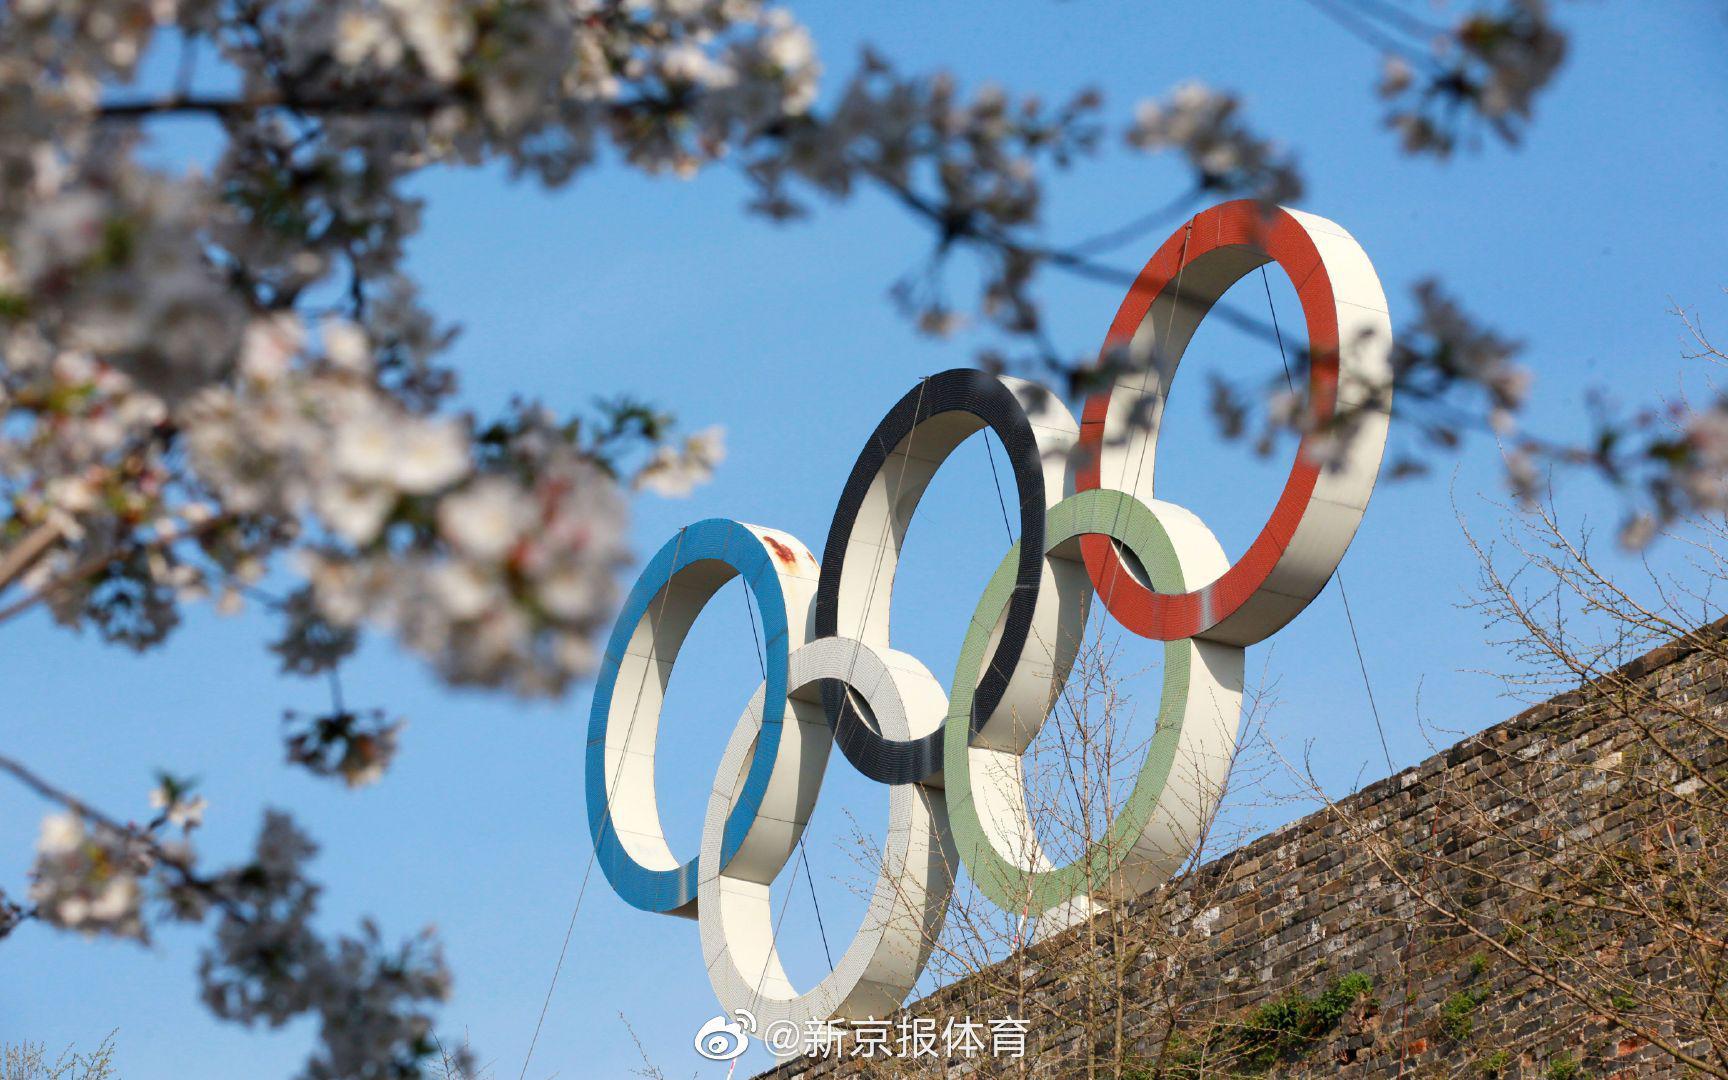 国际奥委会:东京奥运会马拉松和竞走仍在札幌举办